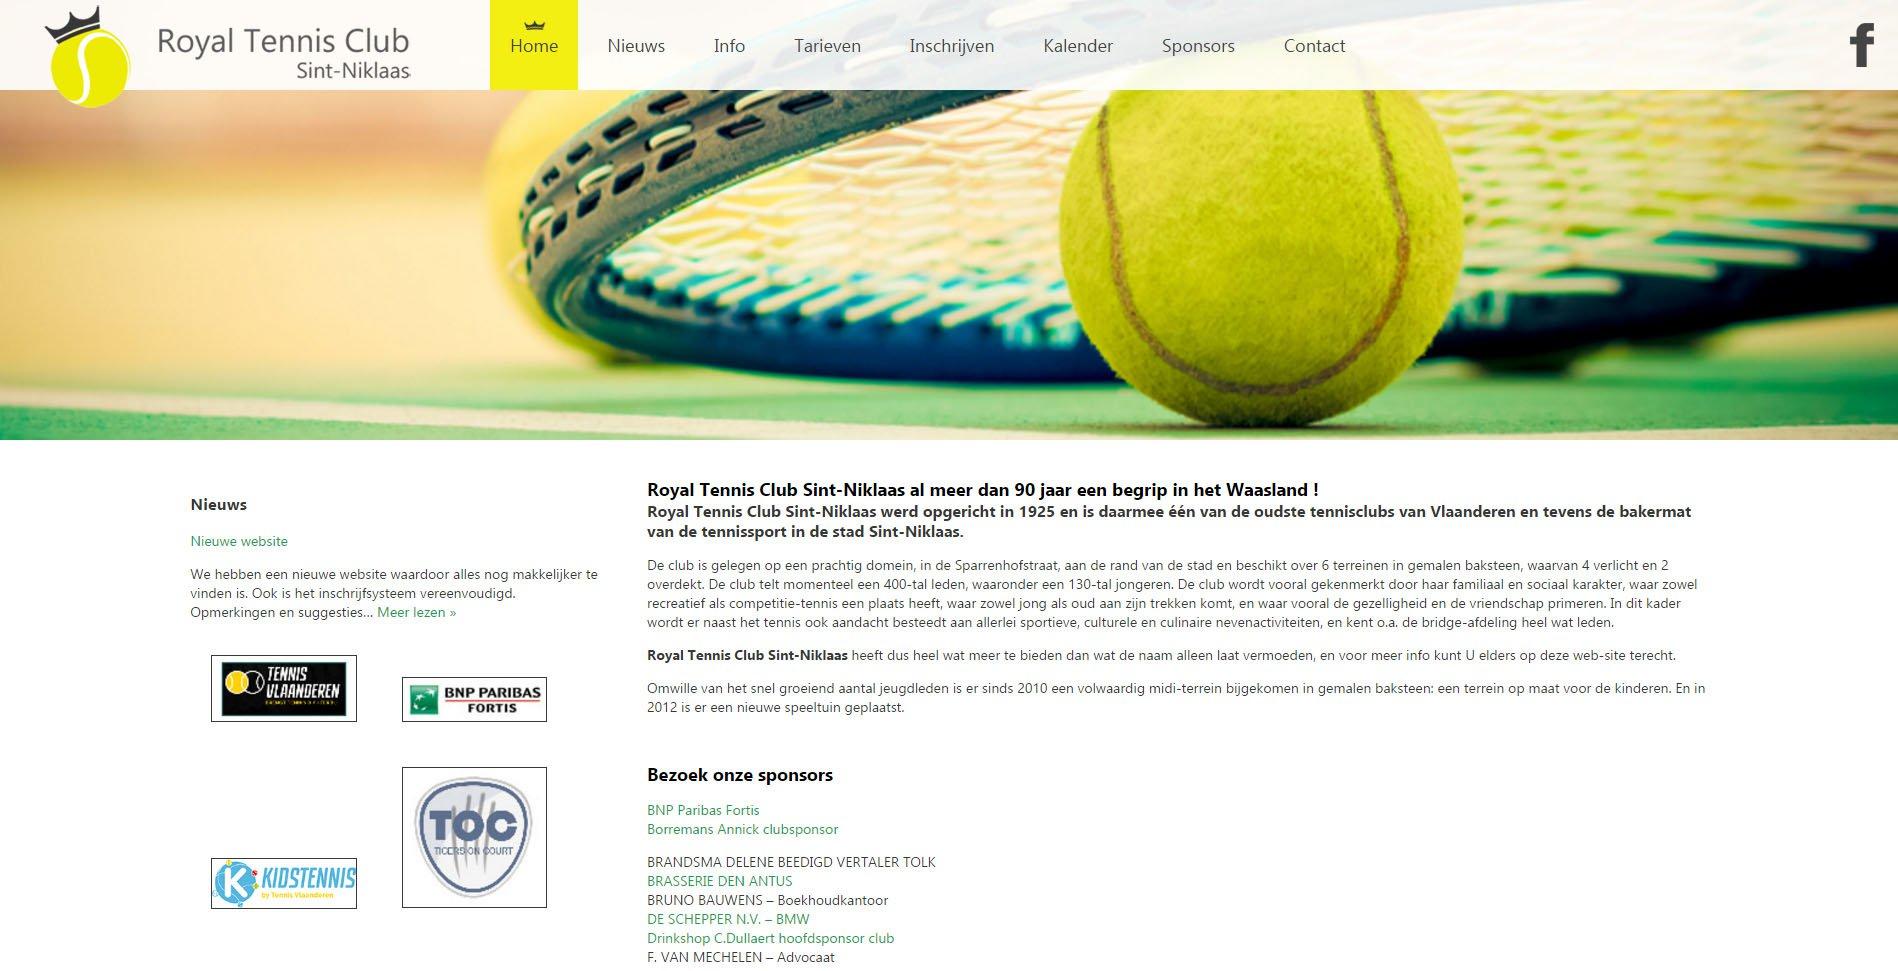 Royal Tennis Club Sint-Niklaas